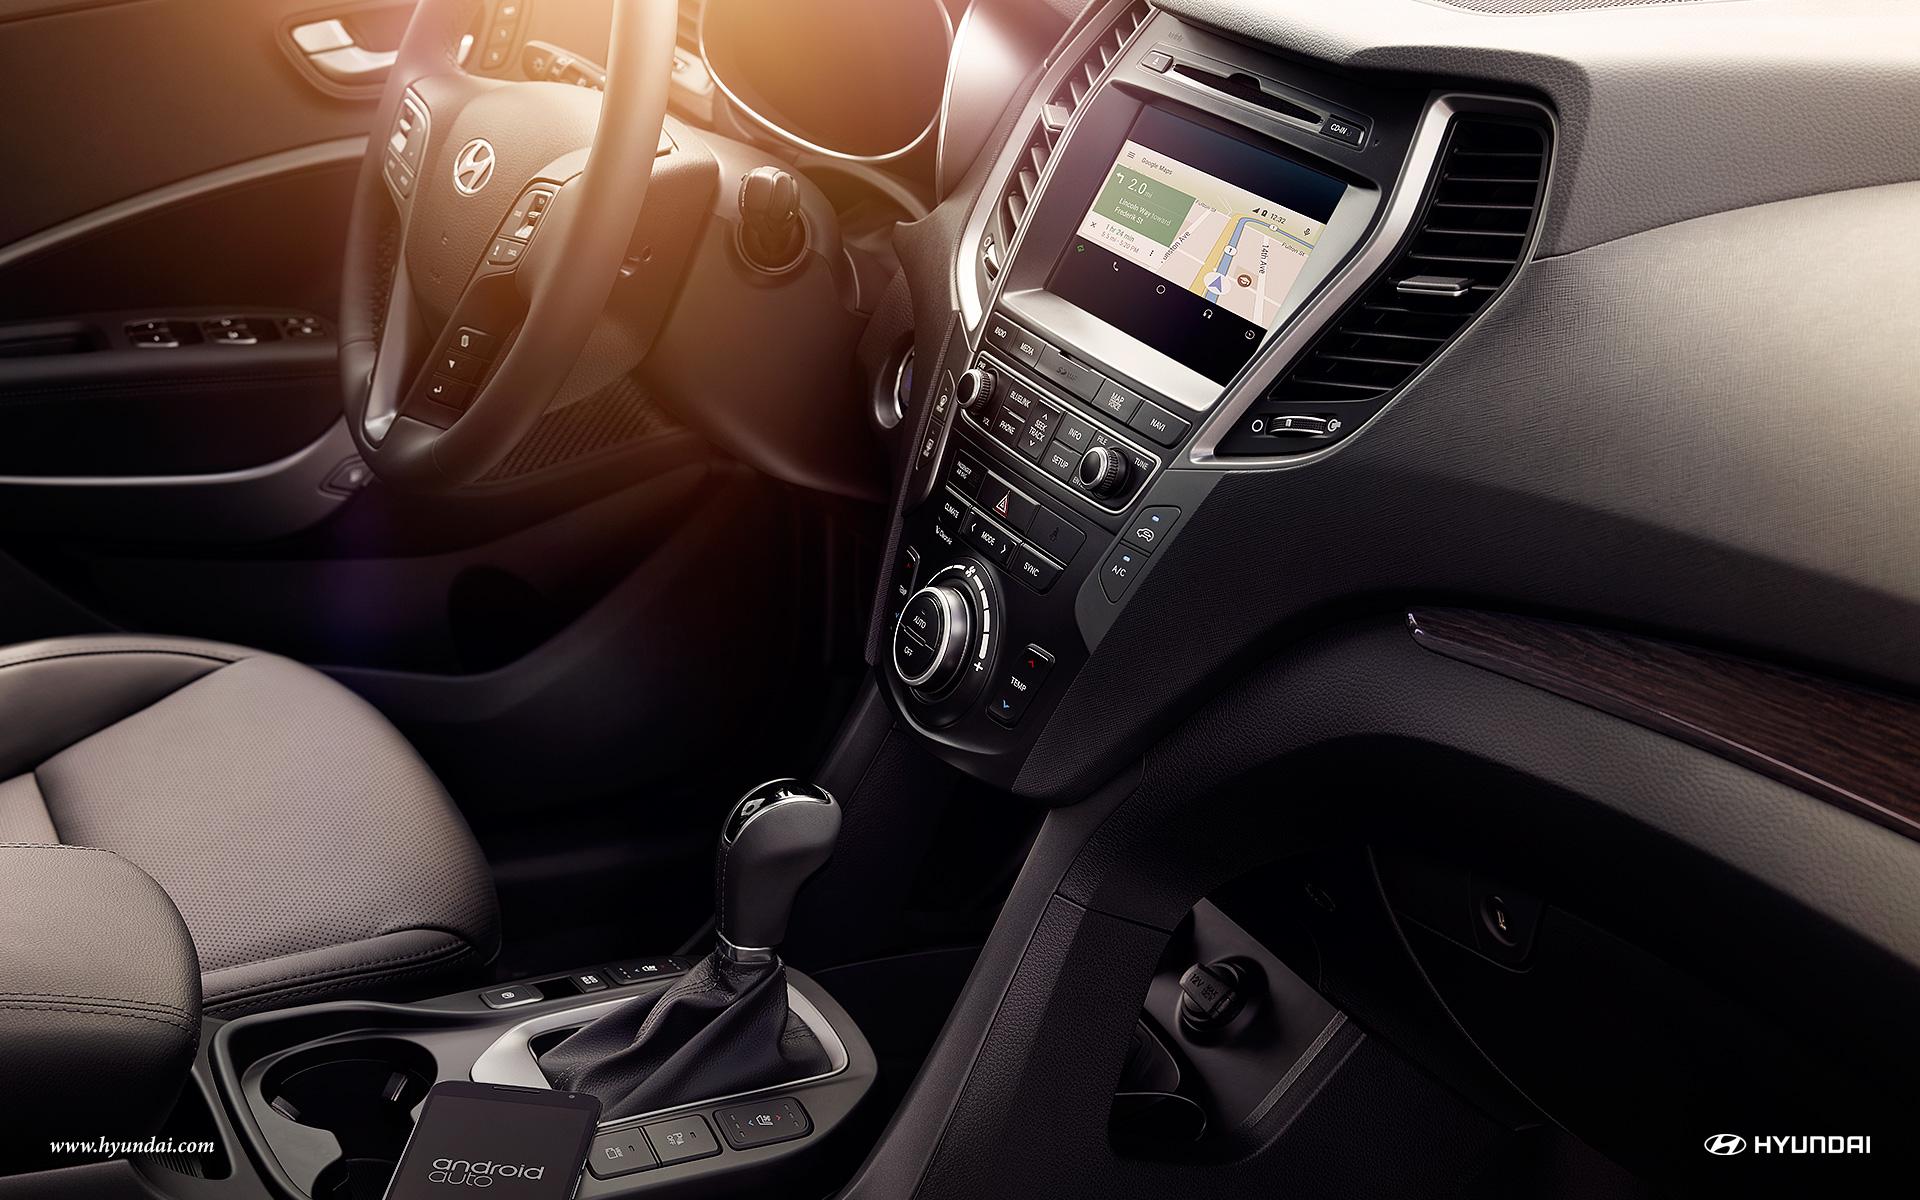 2017 Hyundai Santa Fe Interior 10